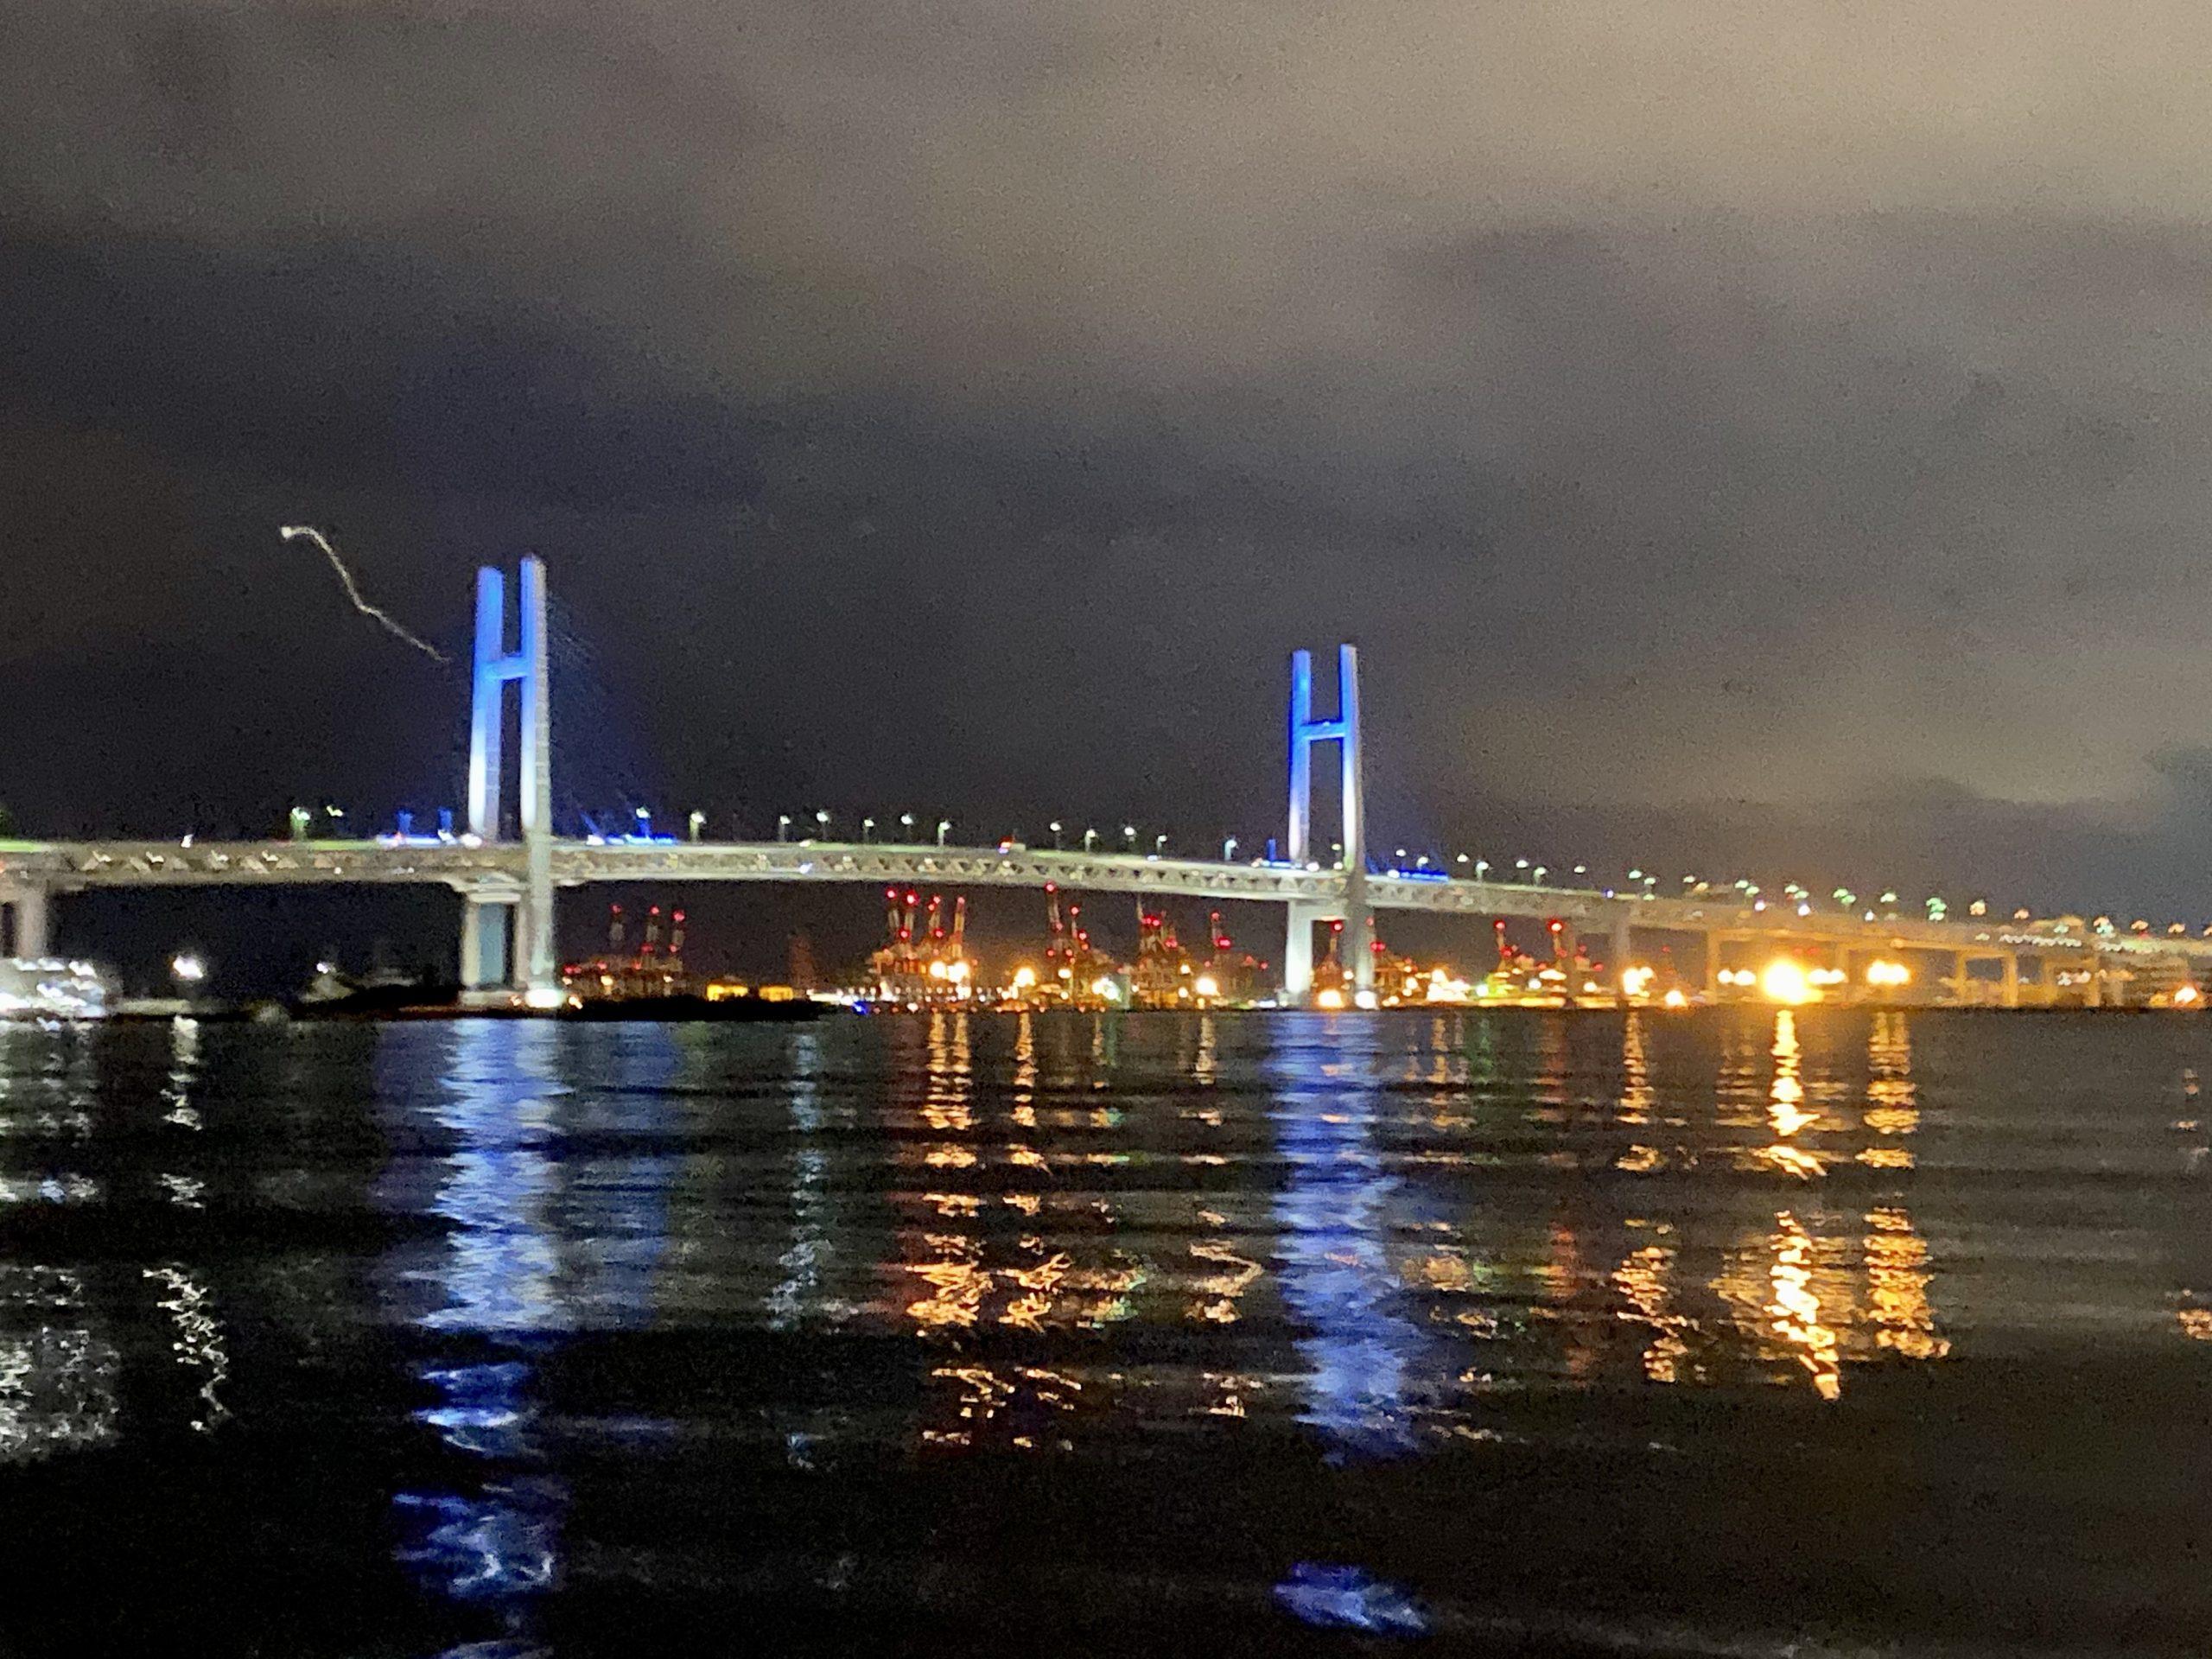 ボートシーバス、横浜の夜景